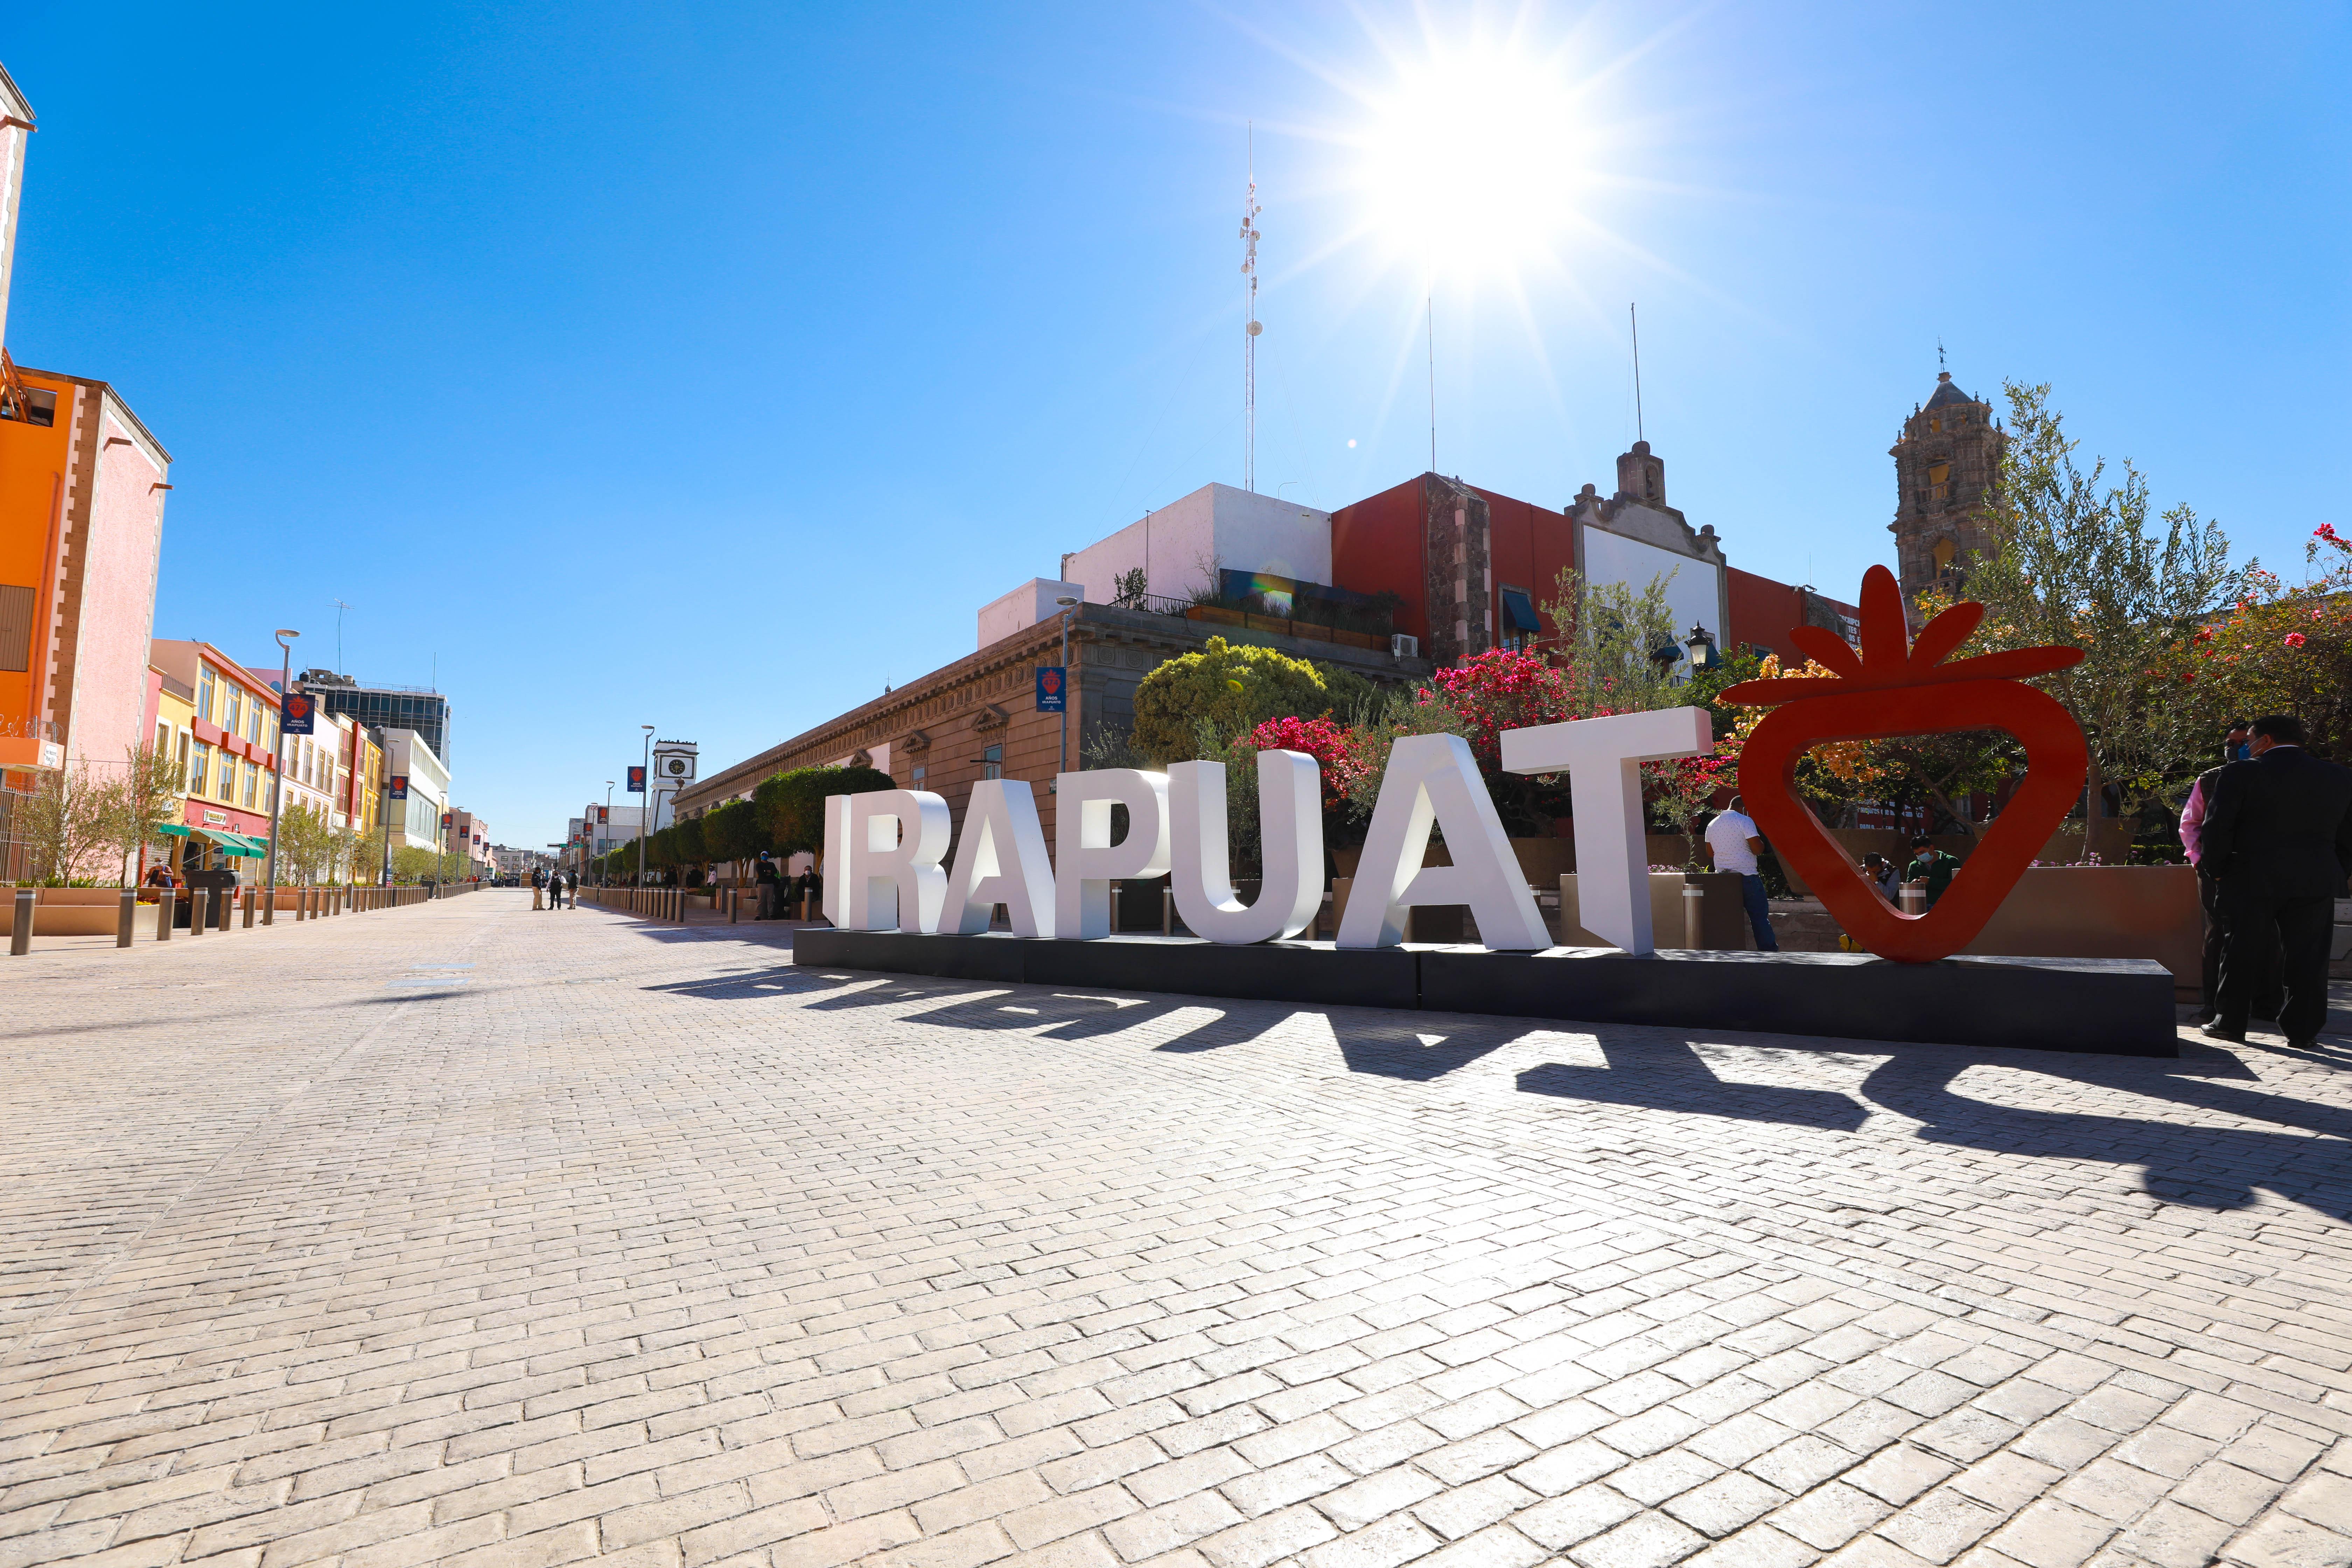 Más de 770 mdp invirtió el Gobierno del Estado en obras y acciones en Irapuato. 4